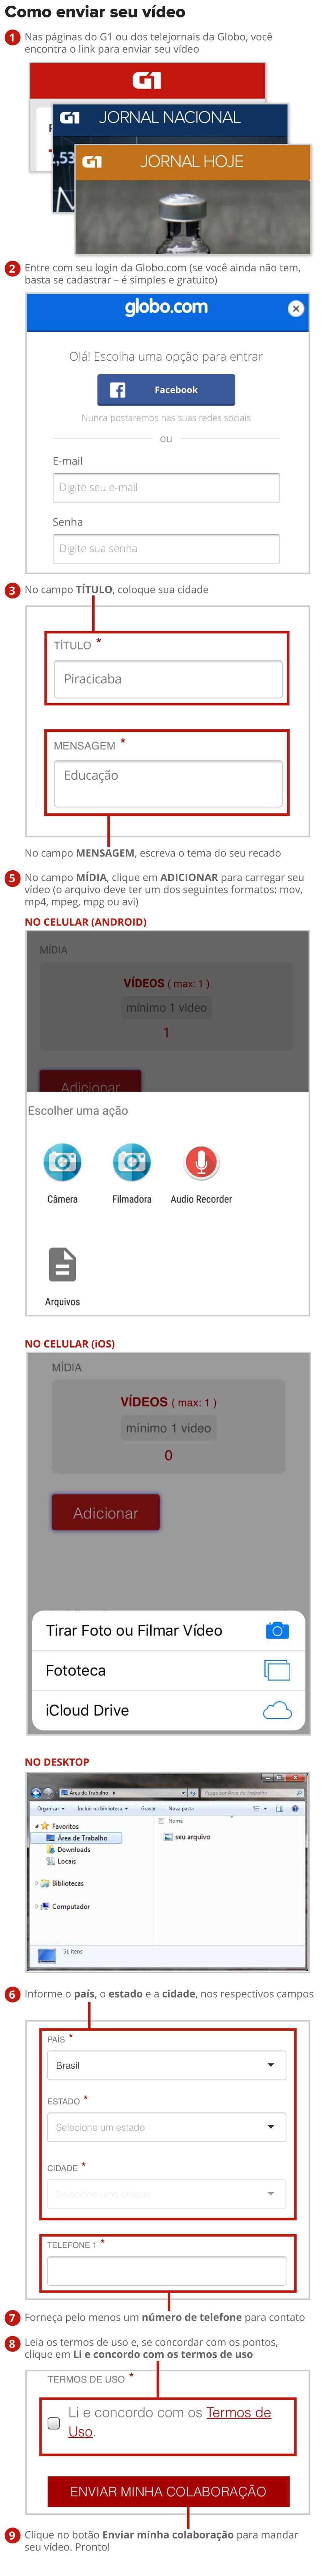 Veja como enviar seu vídeo para a Globo (Foto: Arte/G1)